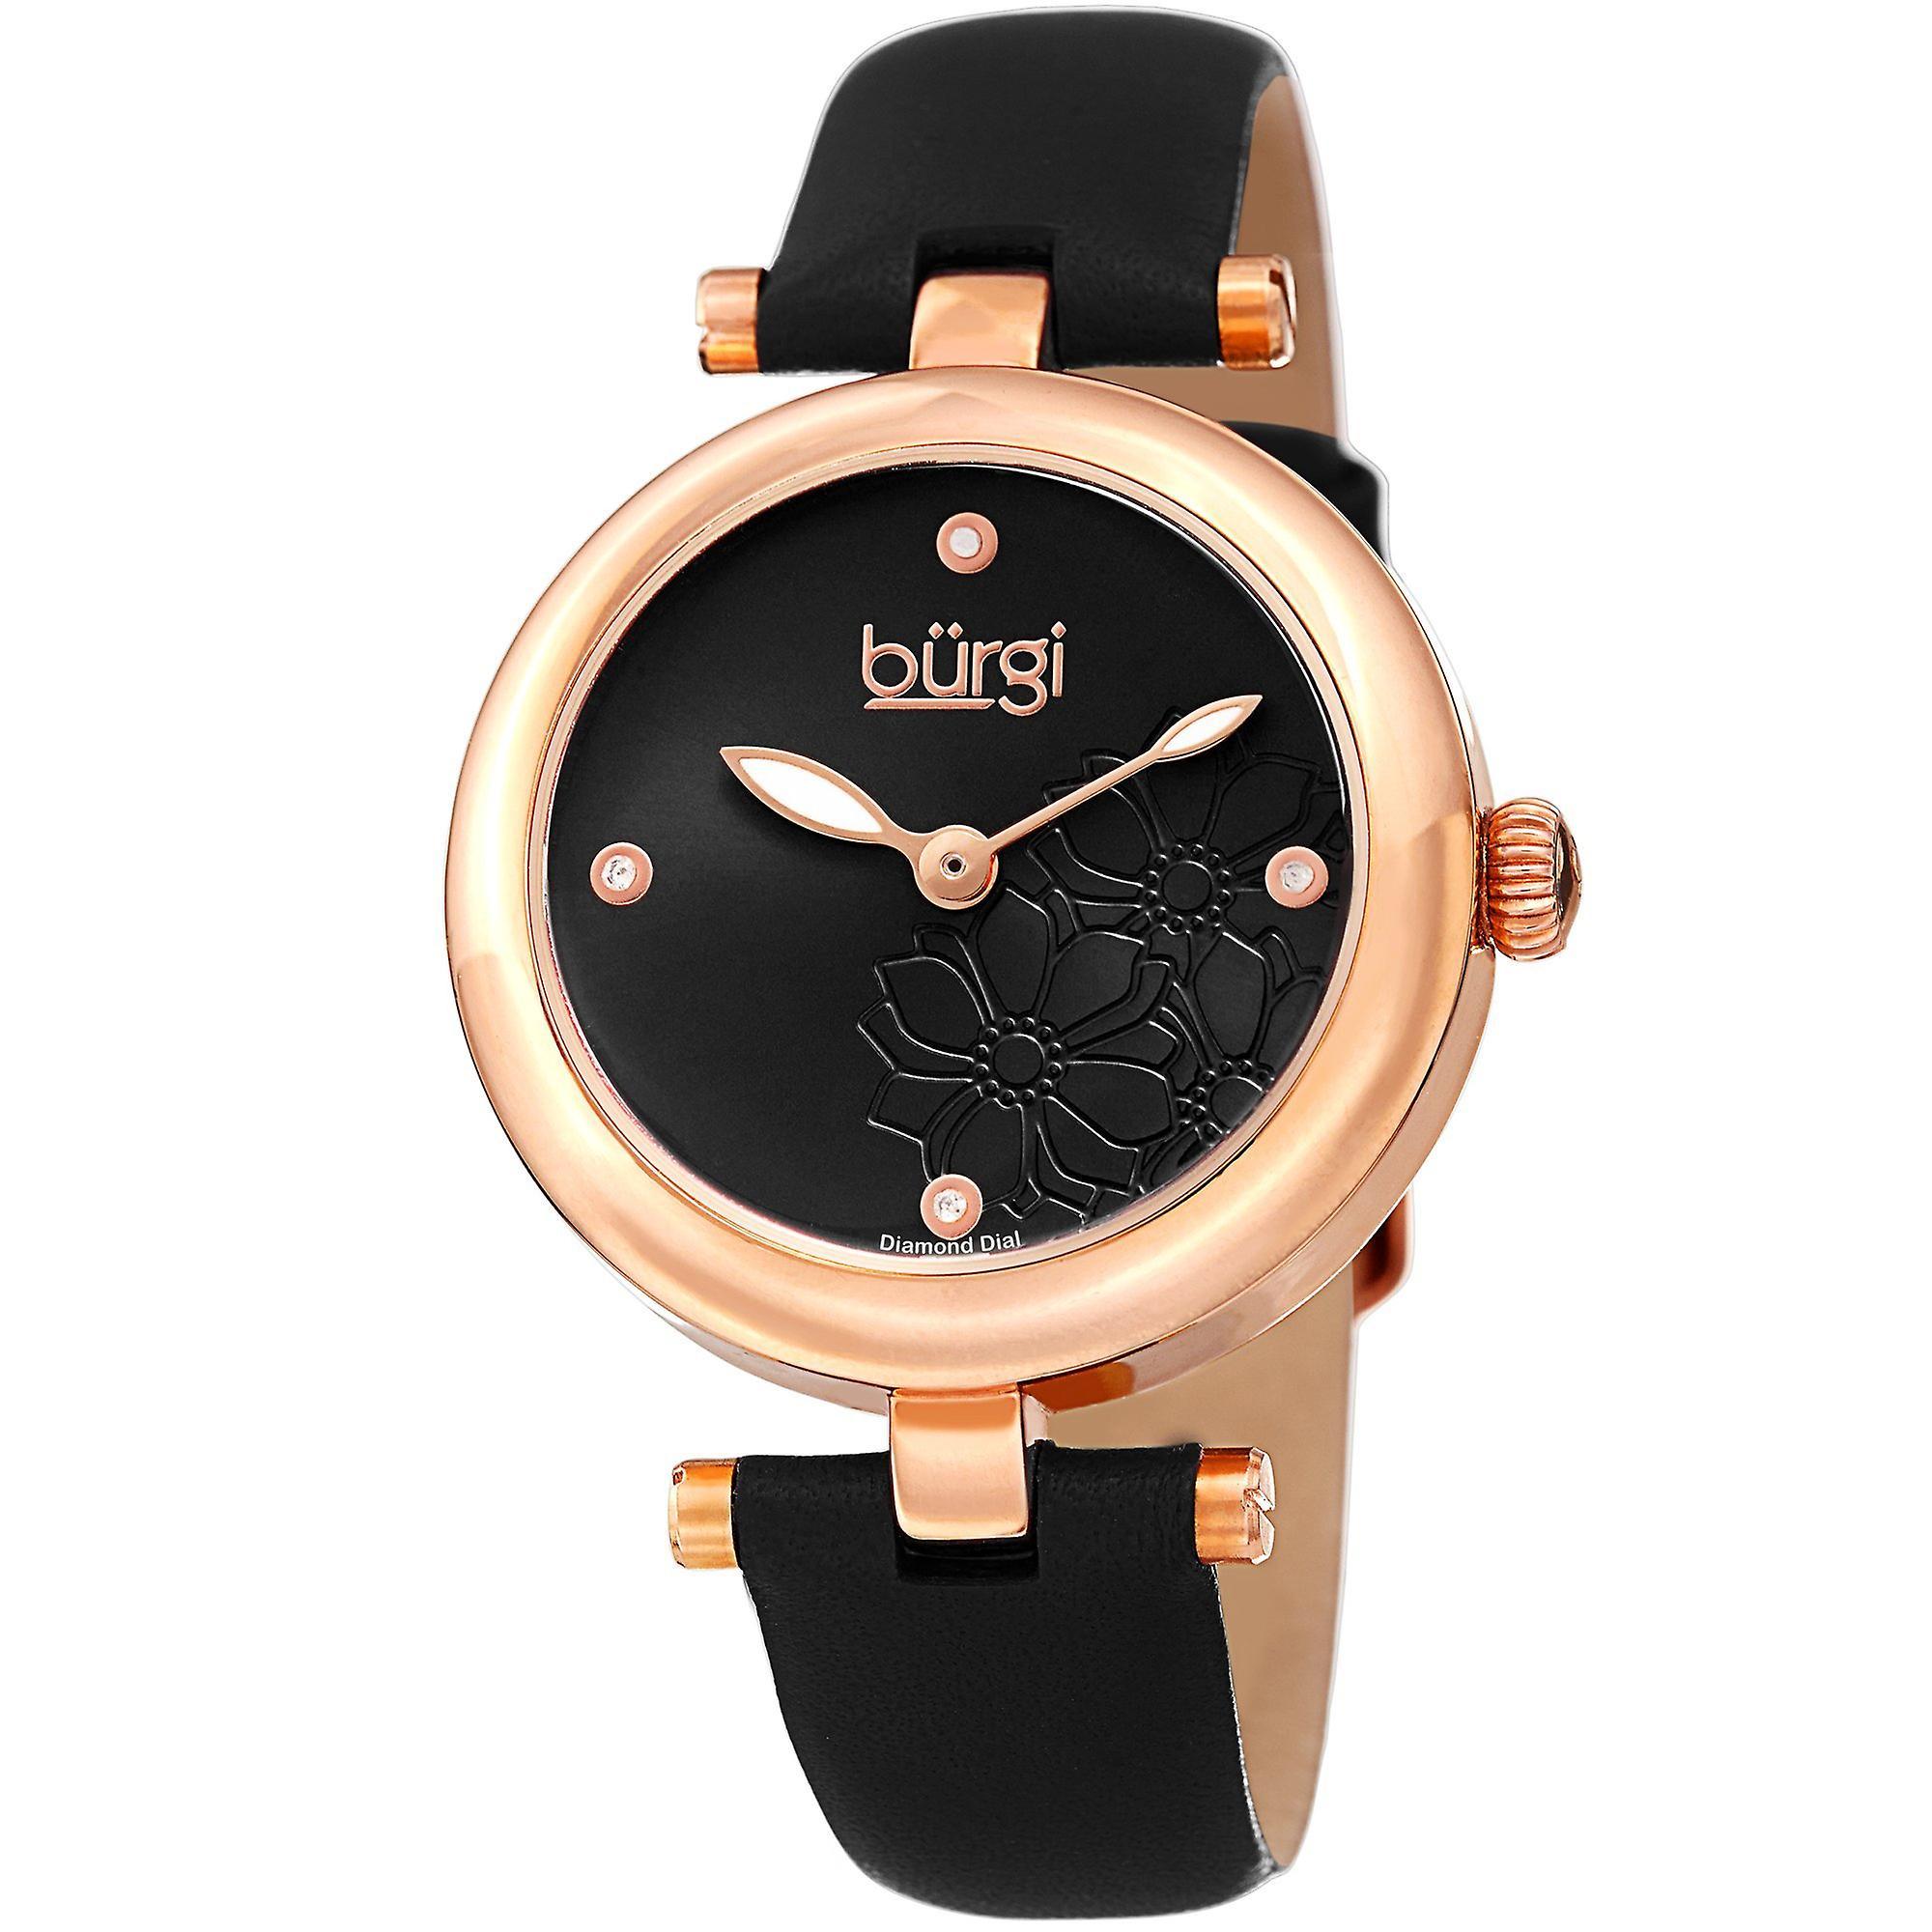 Diahommet de Burgi femmes accentués cadran montre-bracelet en cuir confortable BUR197BKR